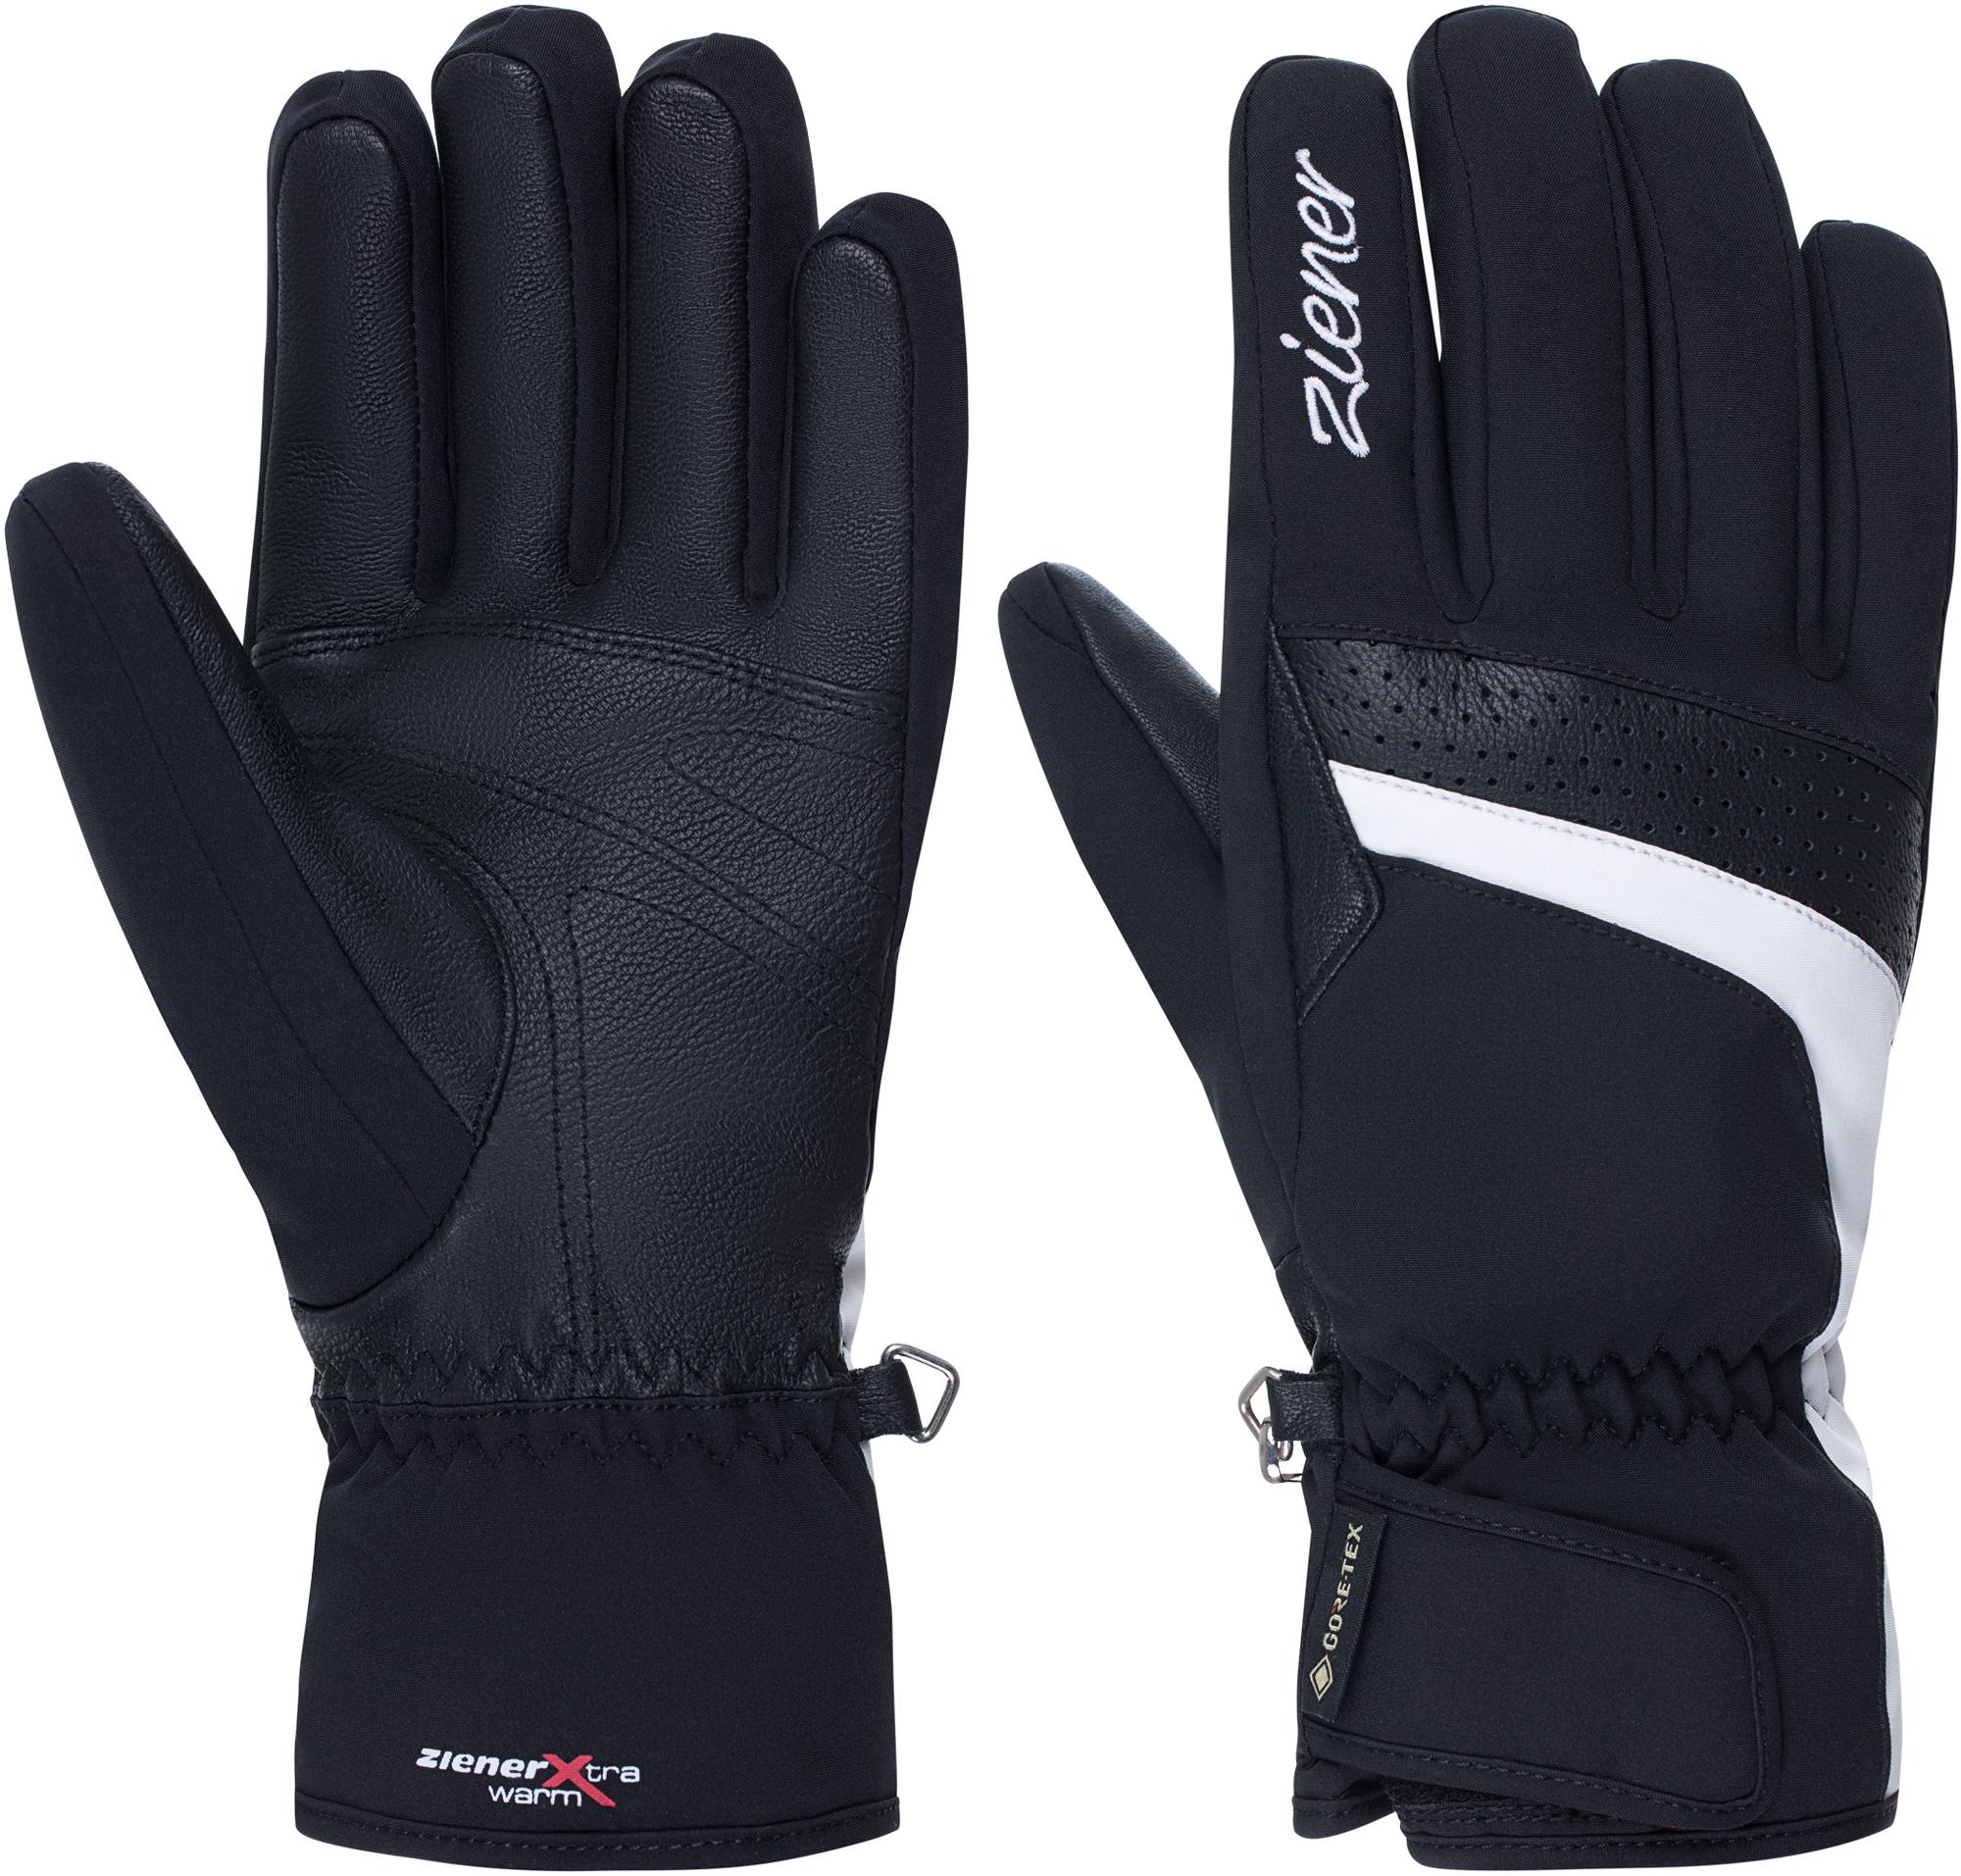 Ziener Перчатки женские Ziener Katara GTX, размер 6 ziener перчатки мужские ziener gliss gtx размер 9